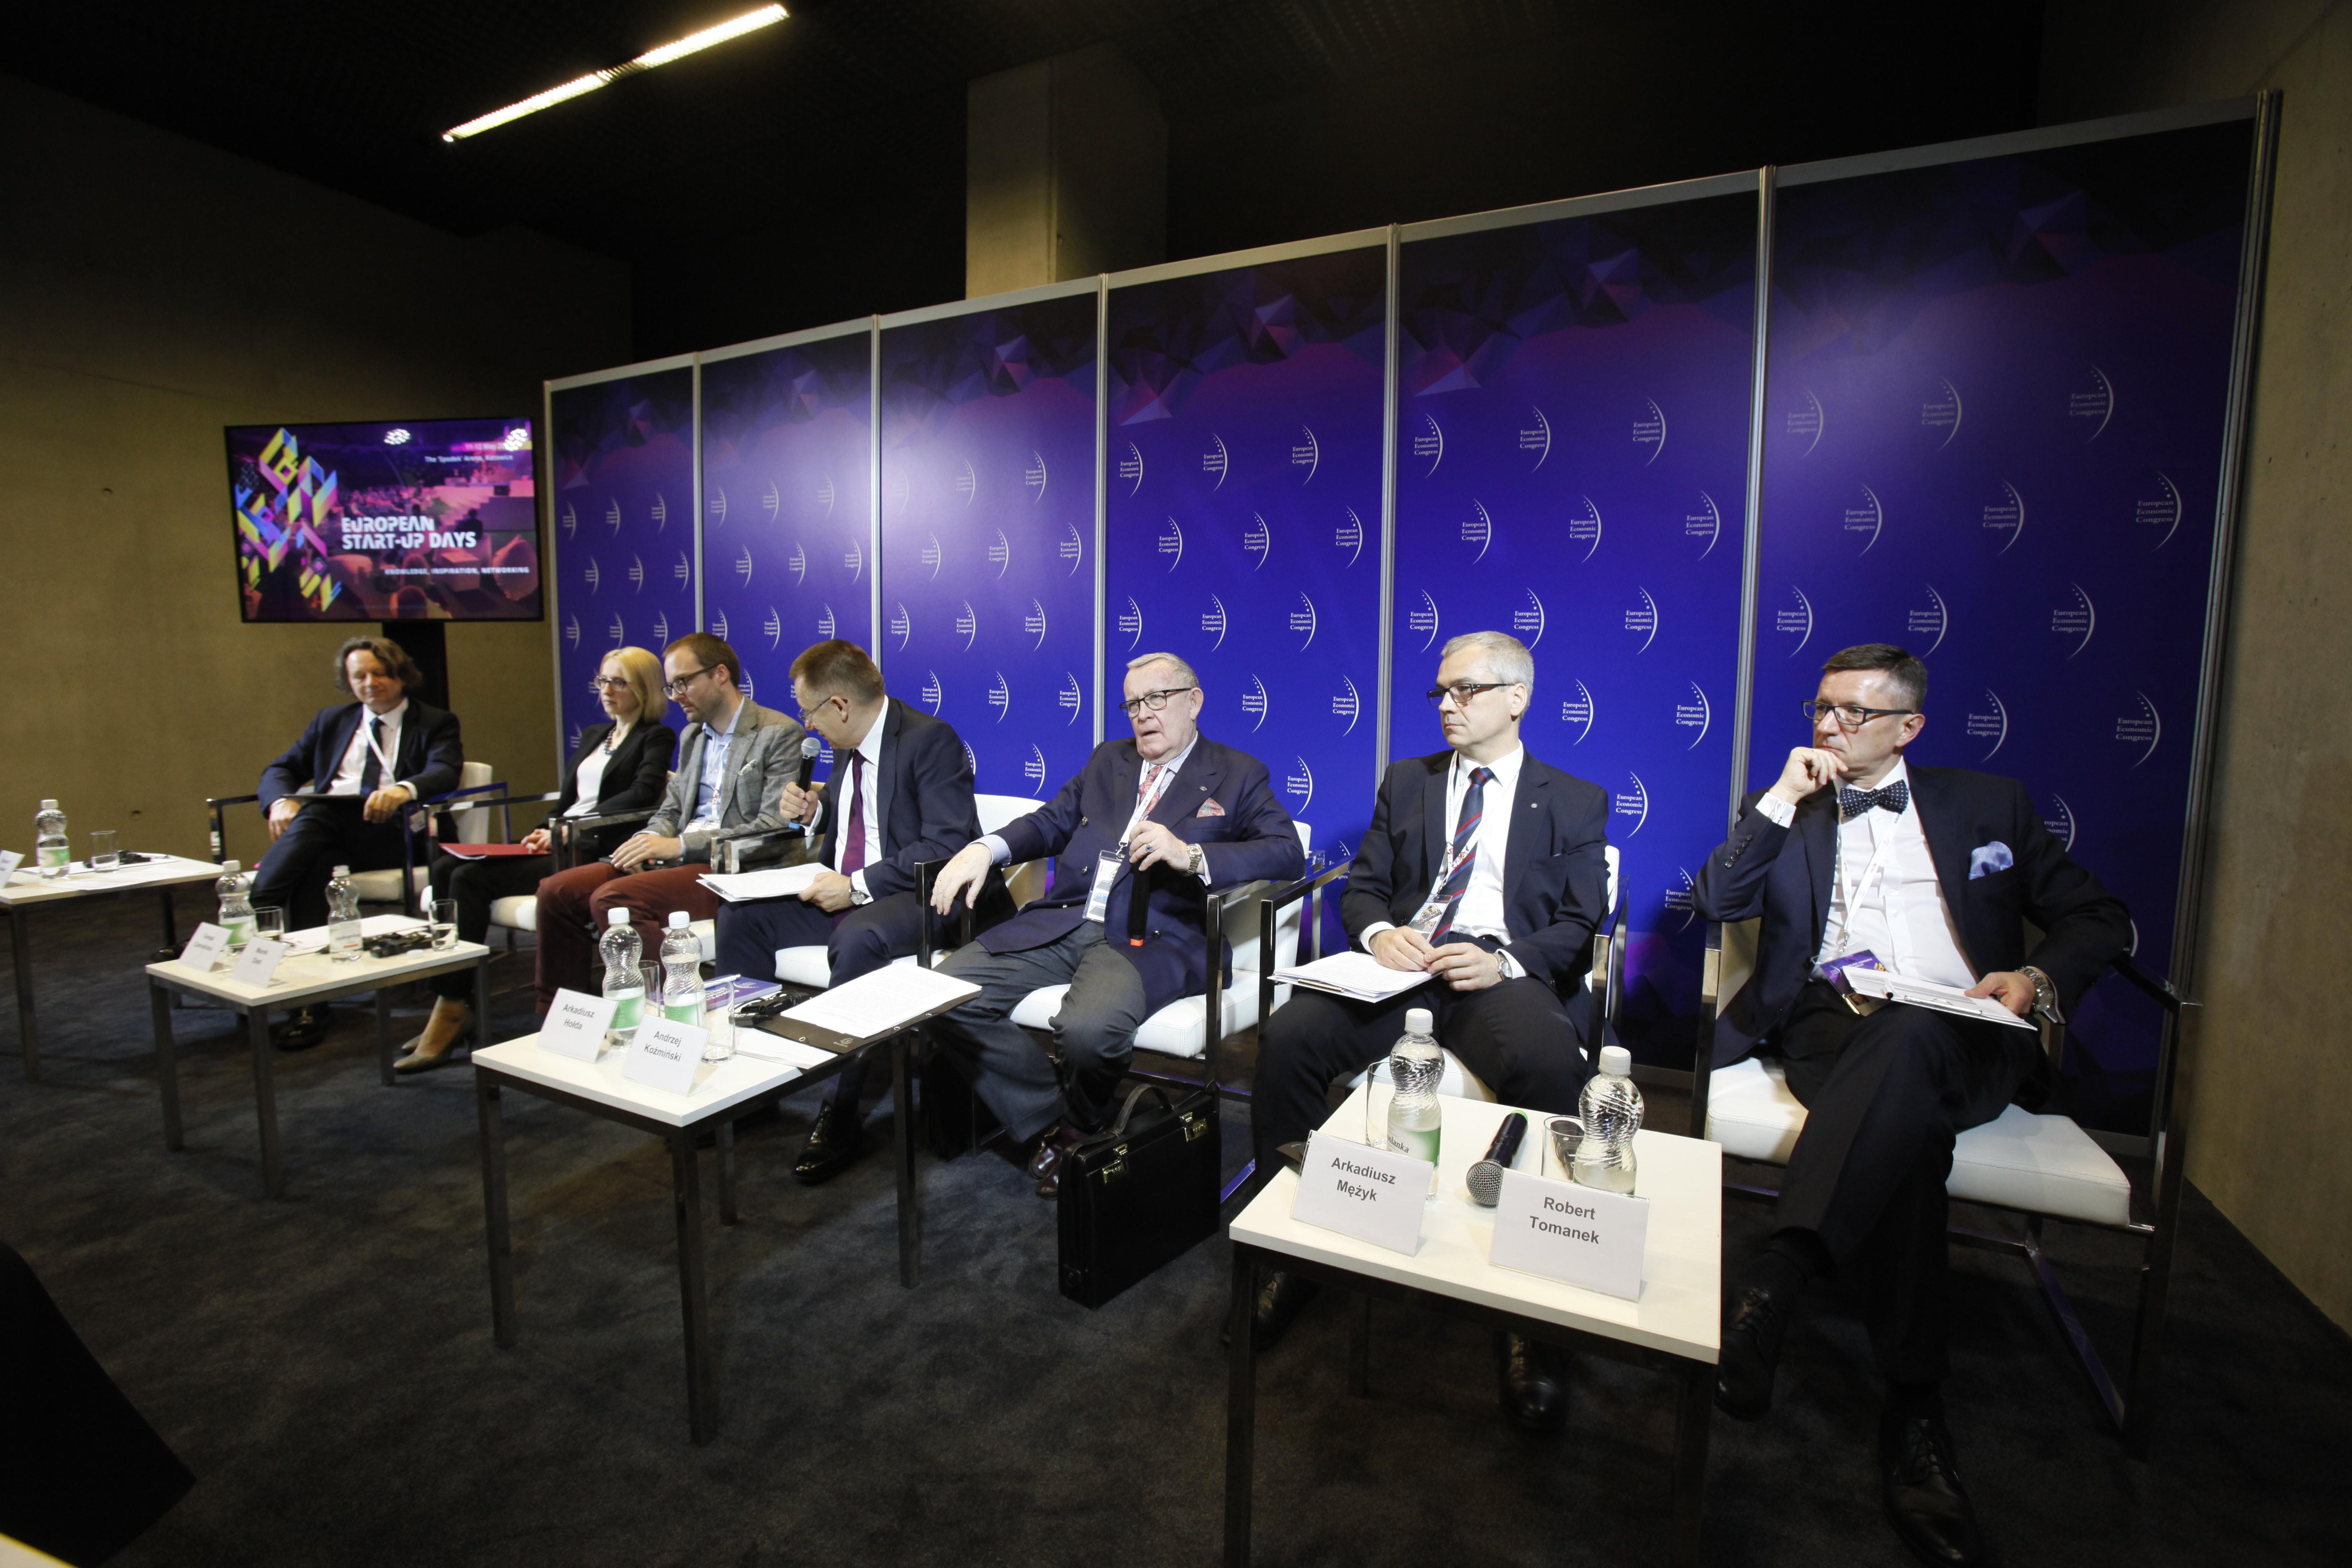 Zmiany w szkolnictwie wyższym były jednym z tematów dyskusji podczas IX Europejskiego Kongresu Gospodarczego w Katowicach. (fot. PTWP)